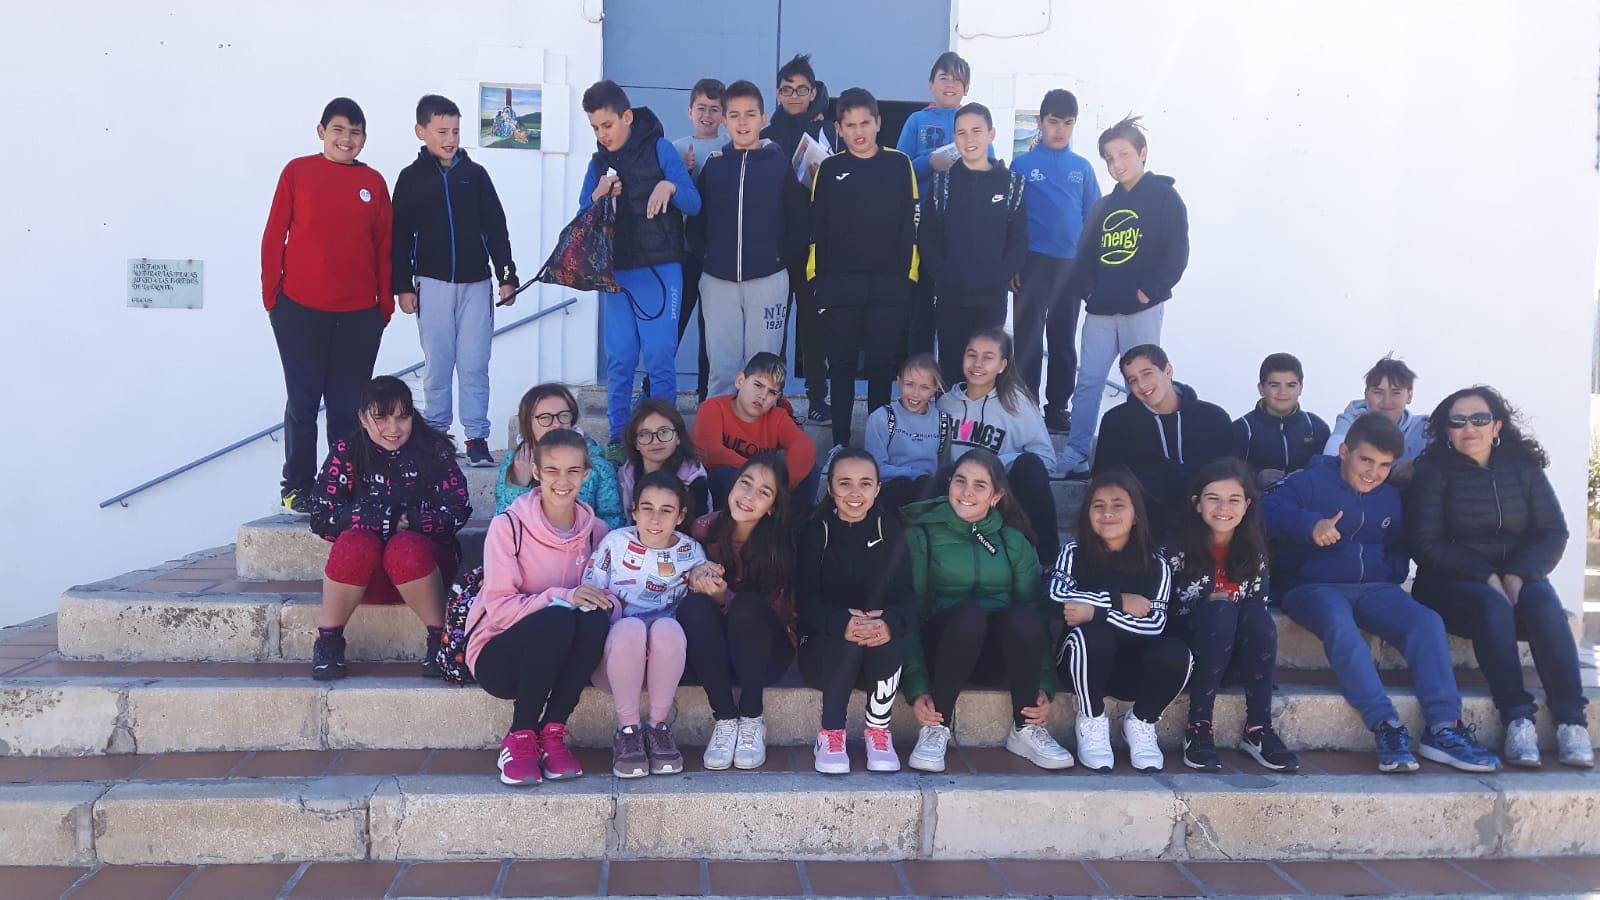 (2019-04-11) Visita ermita alumnos Pilar - 6 primaria -  9 de Octubre - María Isabel Berenguer (12)